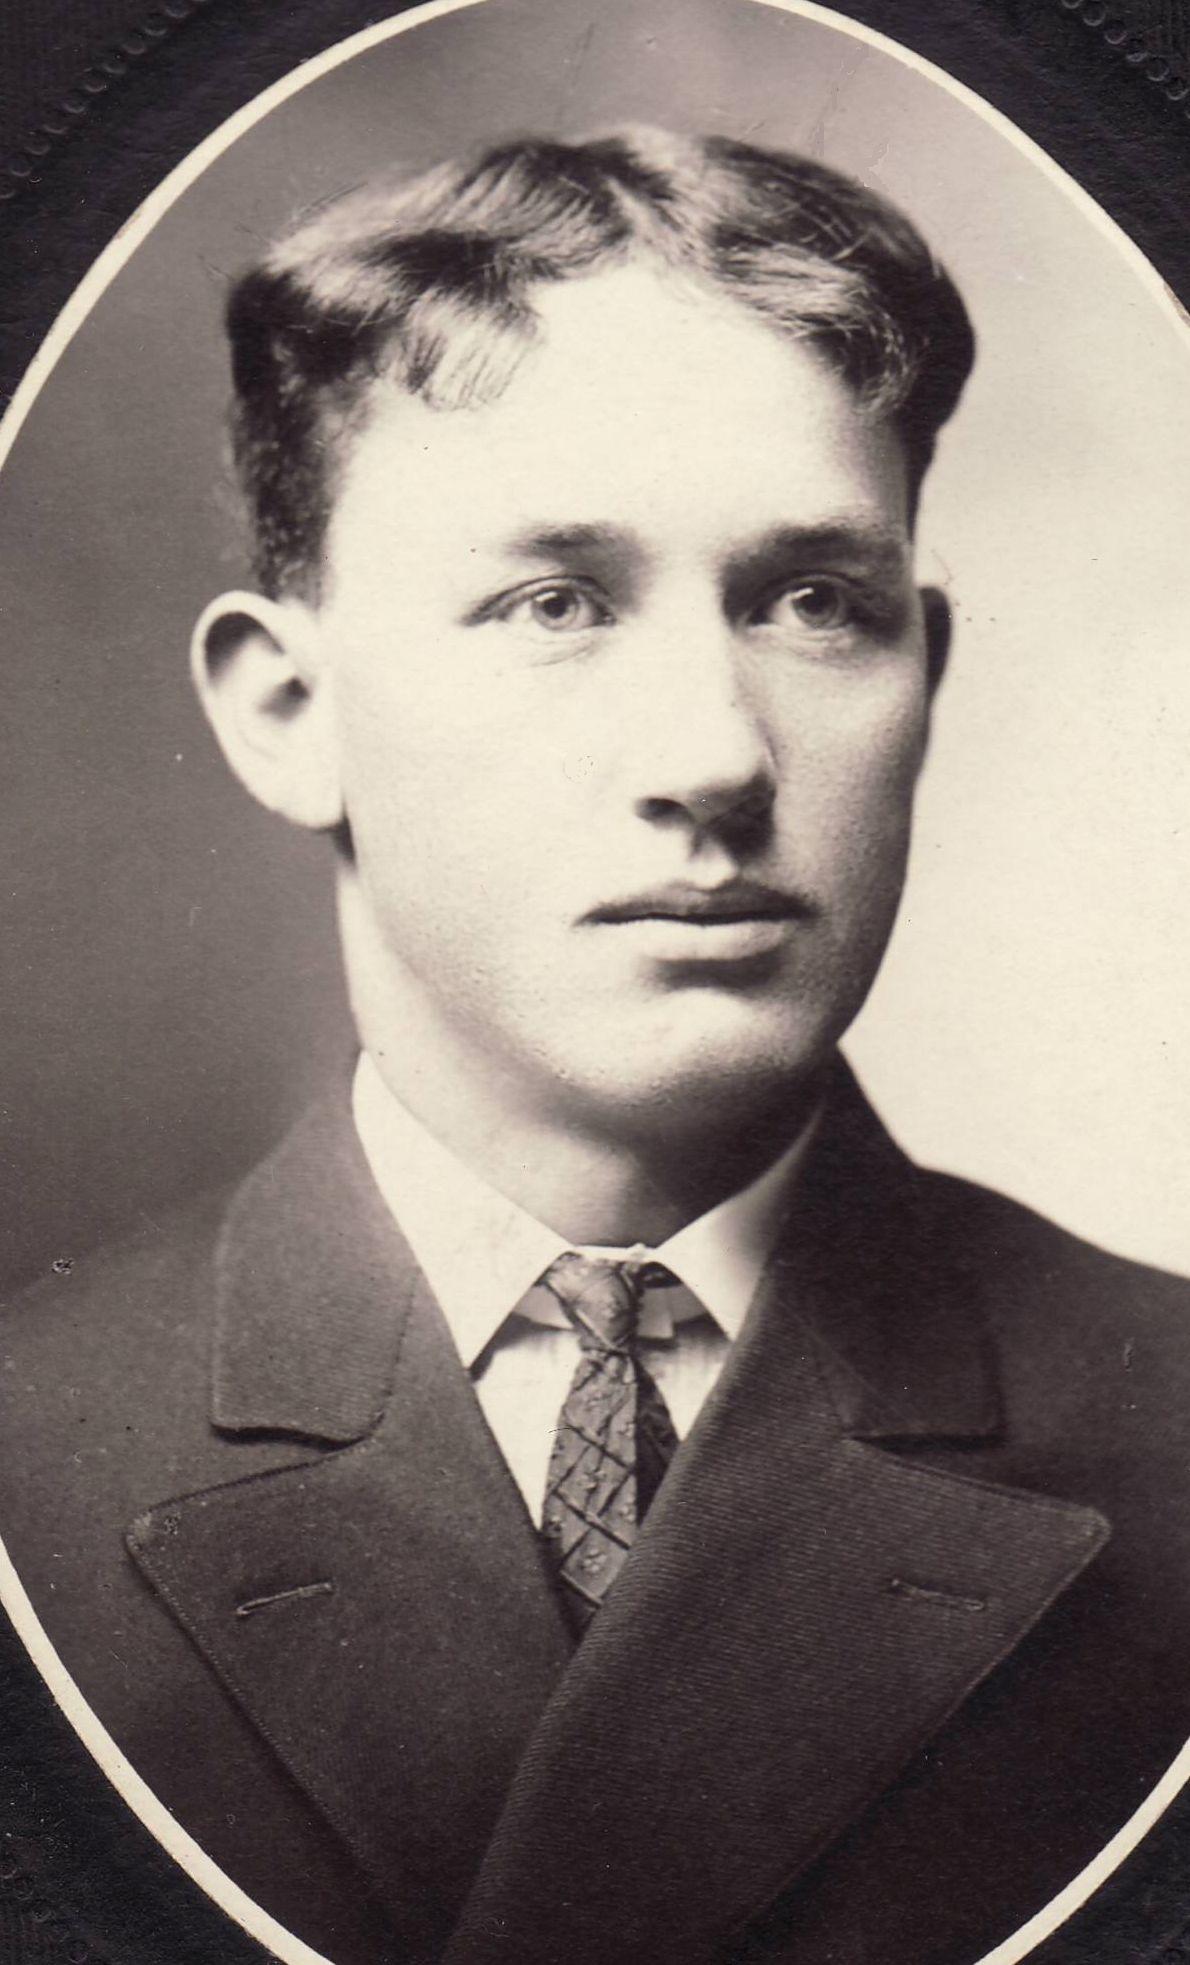 Bair, Henry Parley